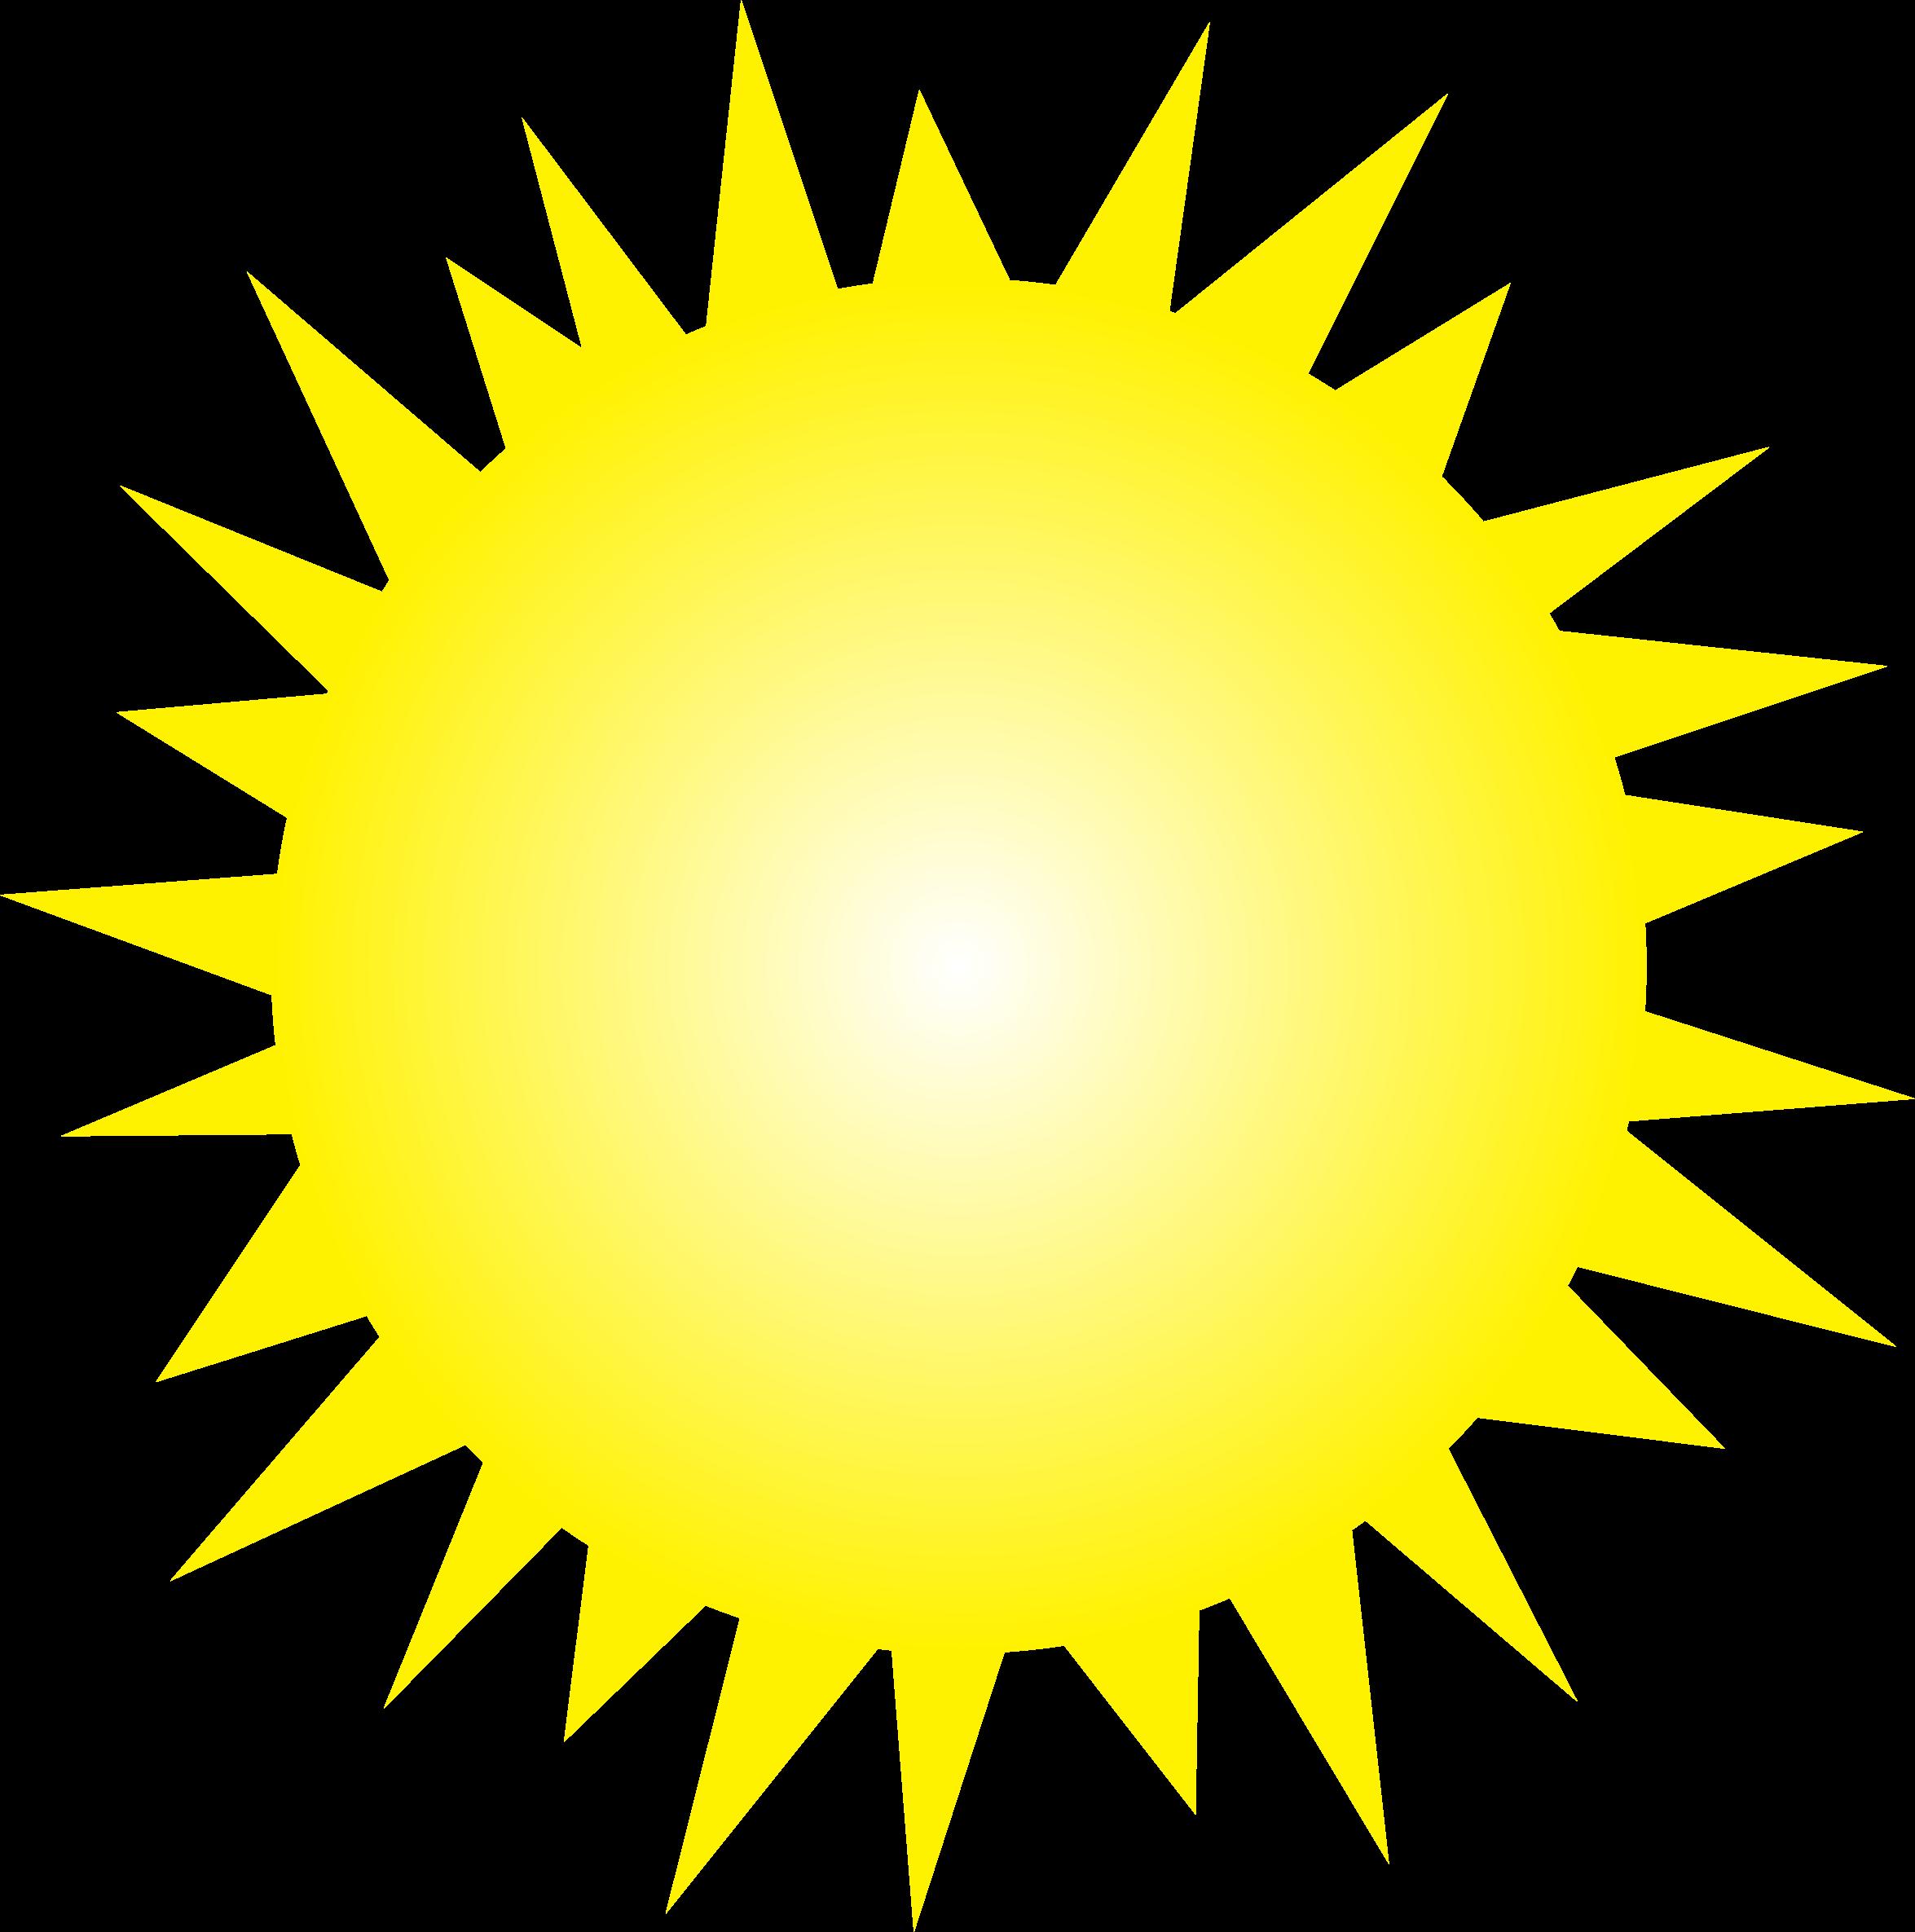 Clipart sun 1 2 - Art Of Sun PNG